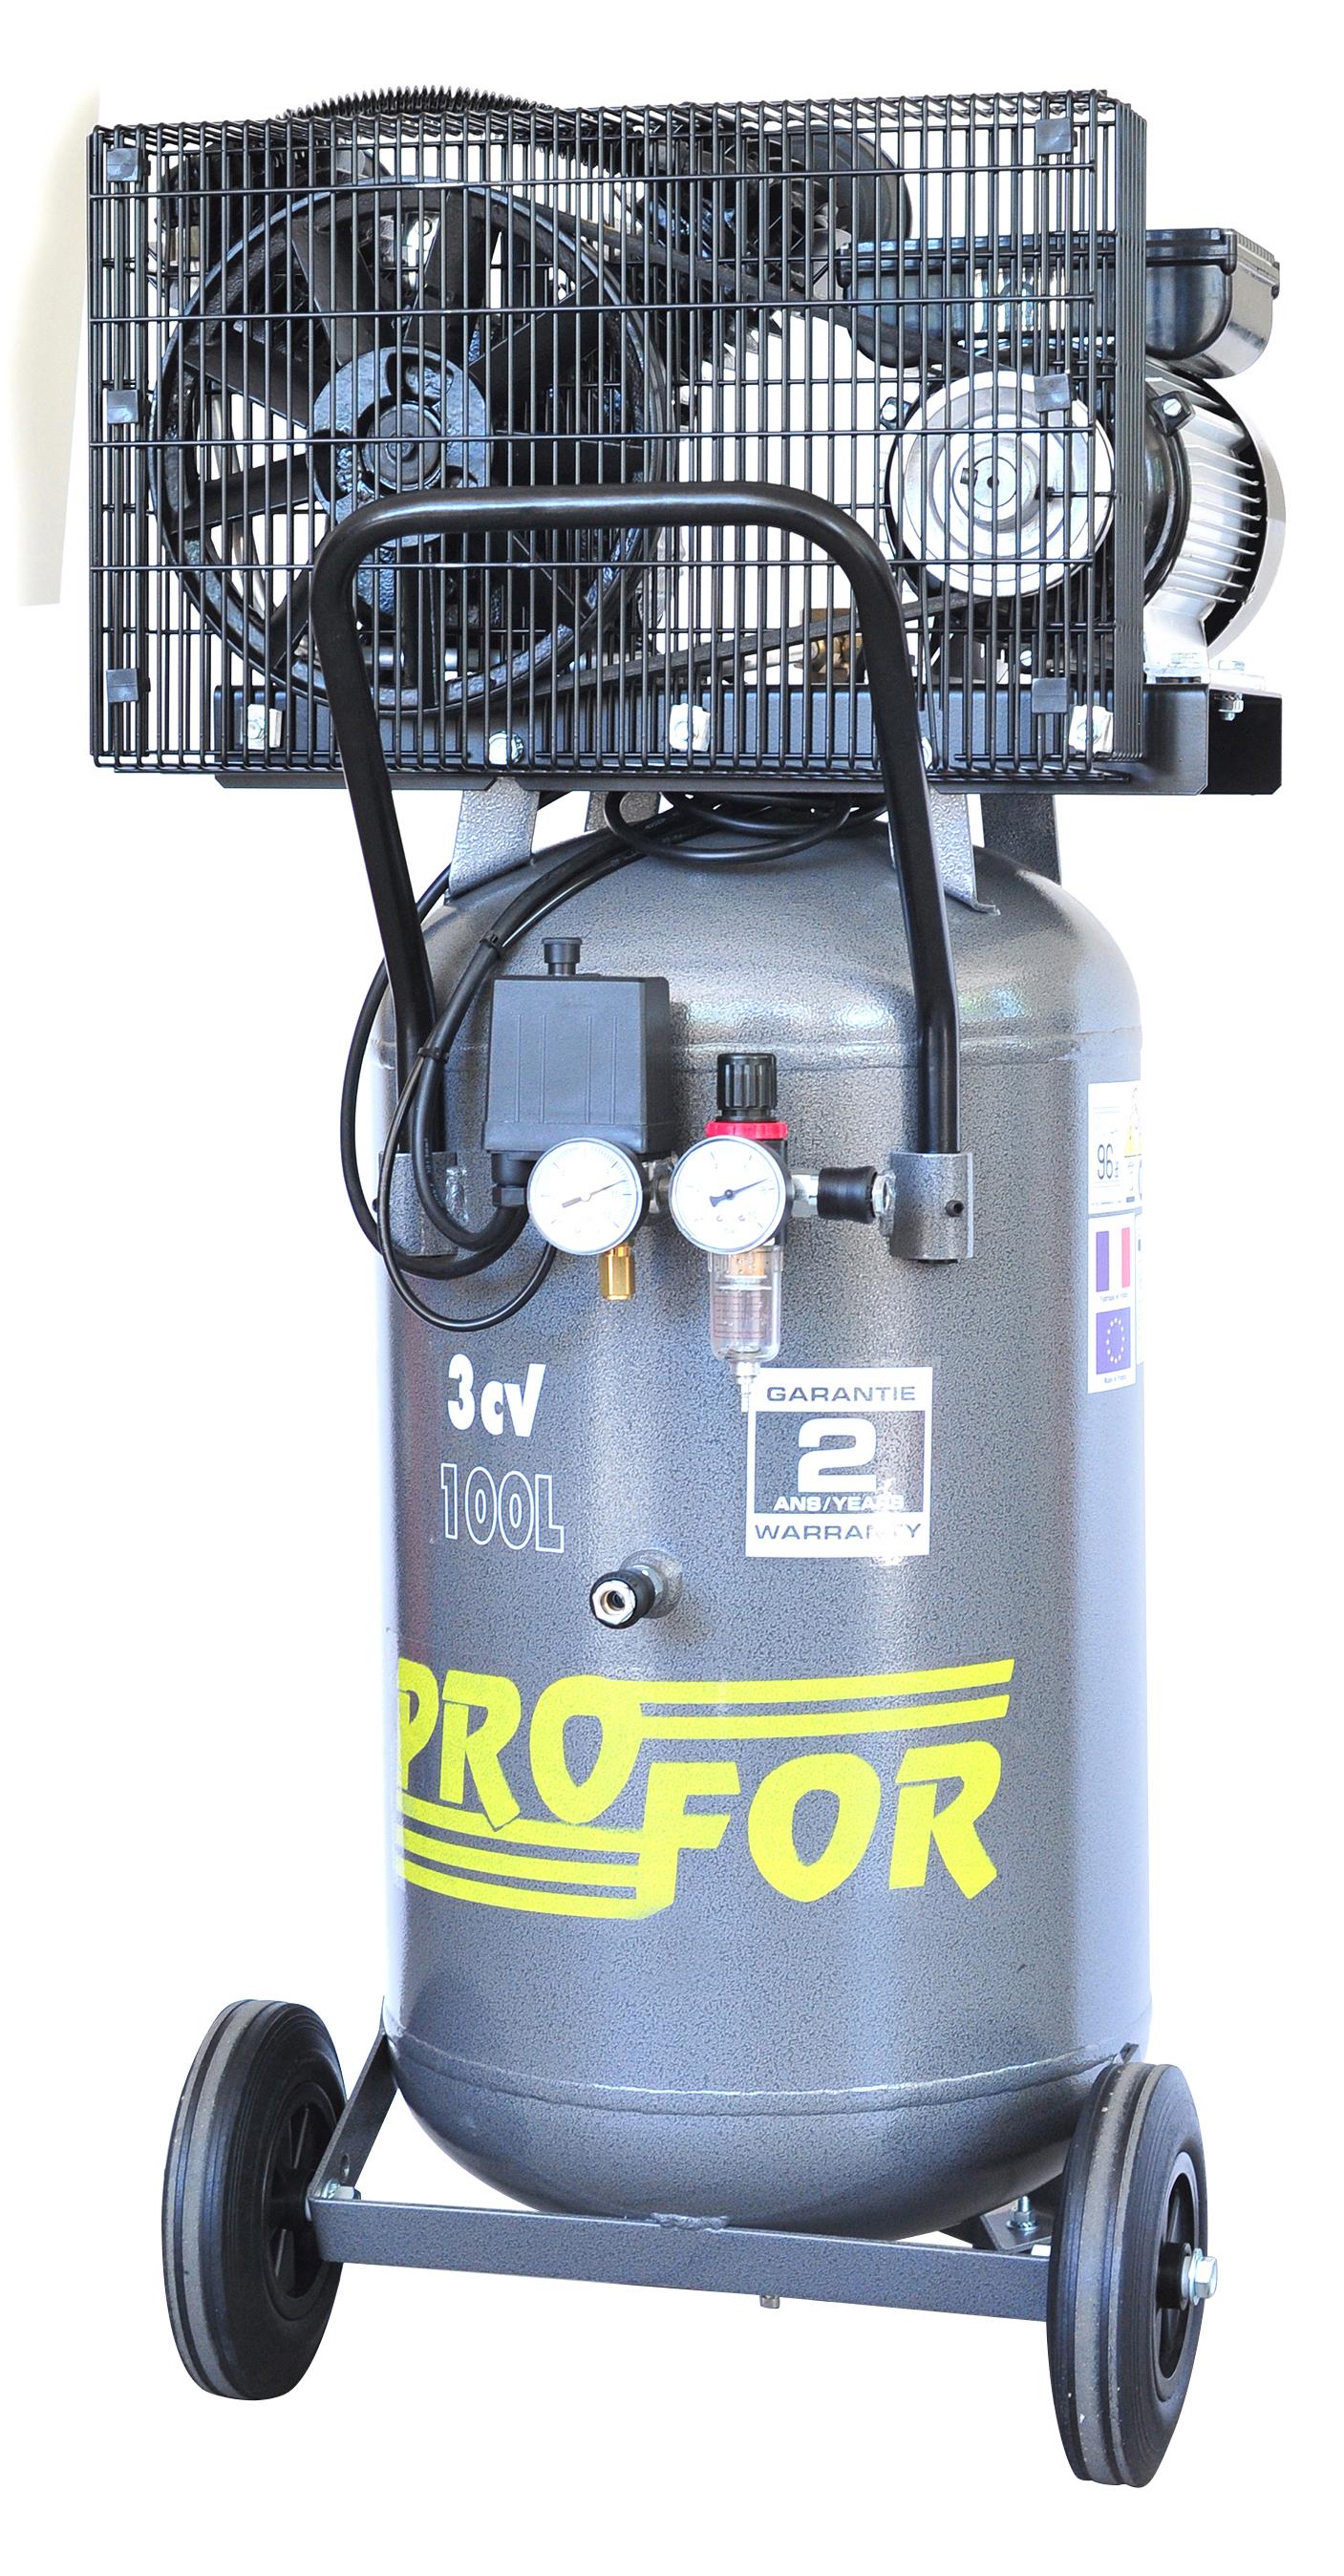 compresseur vertical  u00e0 courroie bi-cylindre 100l 3 cv